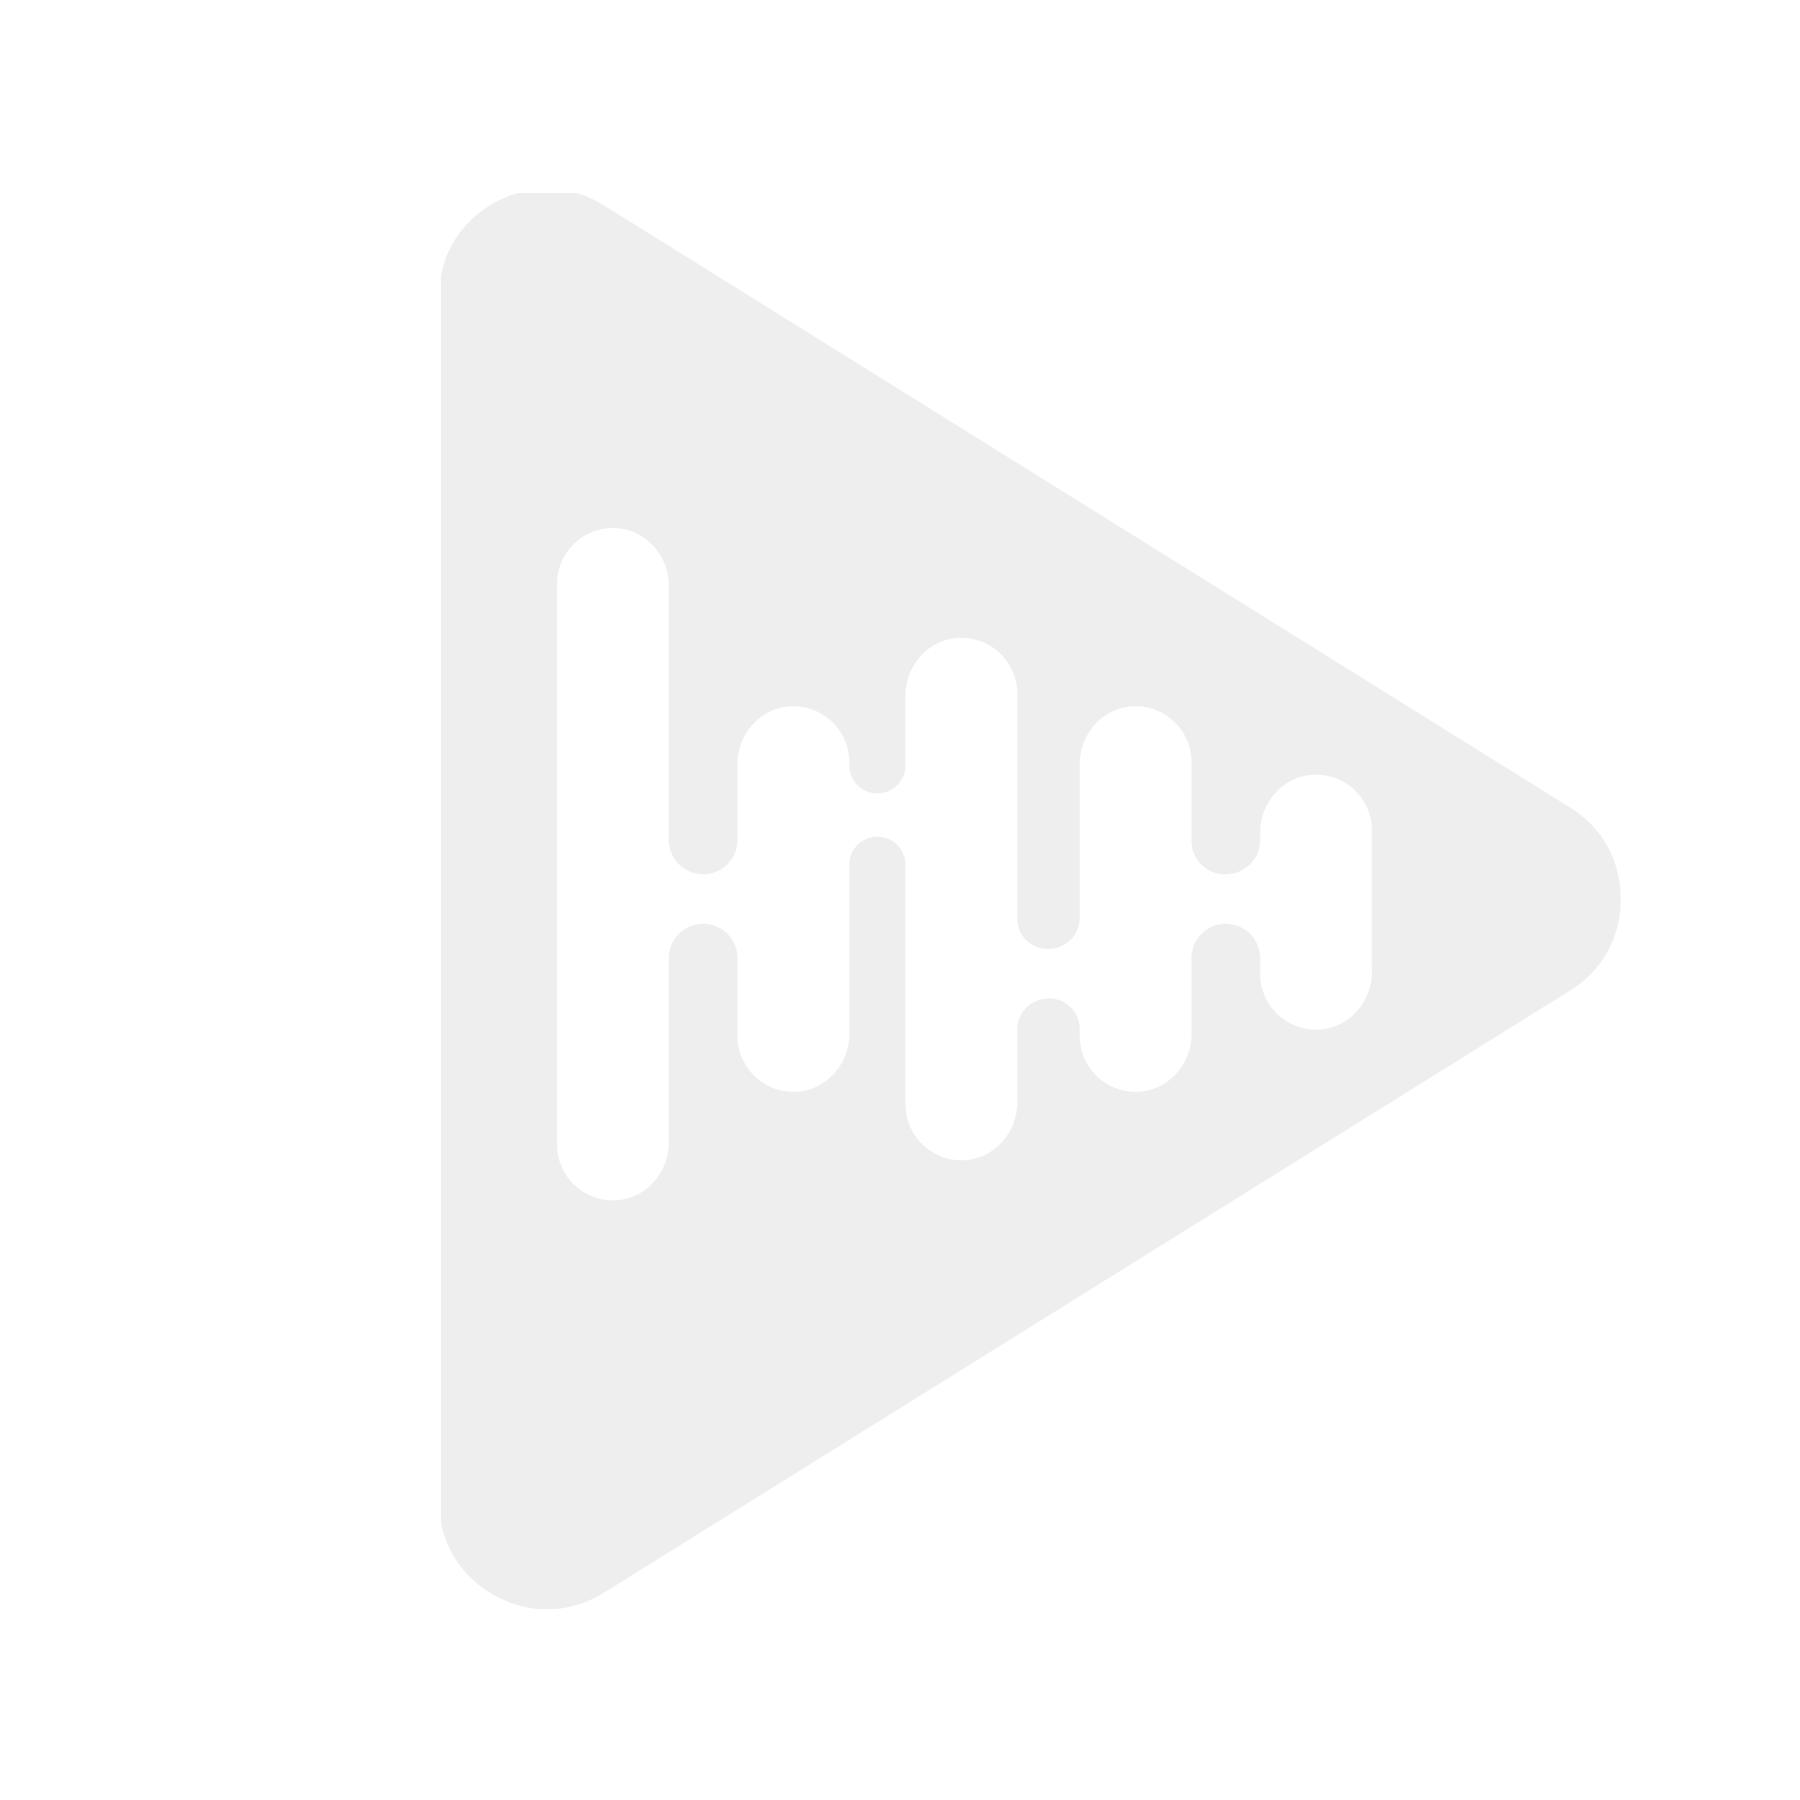 Connect C0304-I - Originalkabel, Alpine til ISO /m sikringsholder, ny type